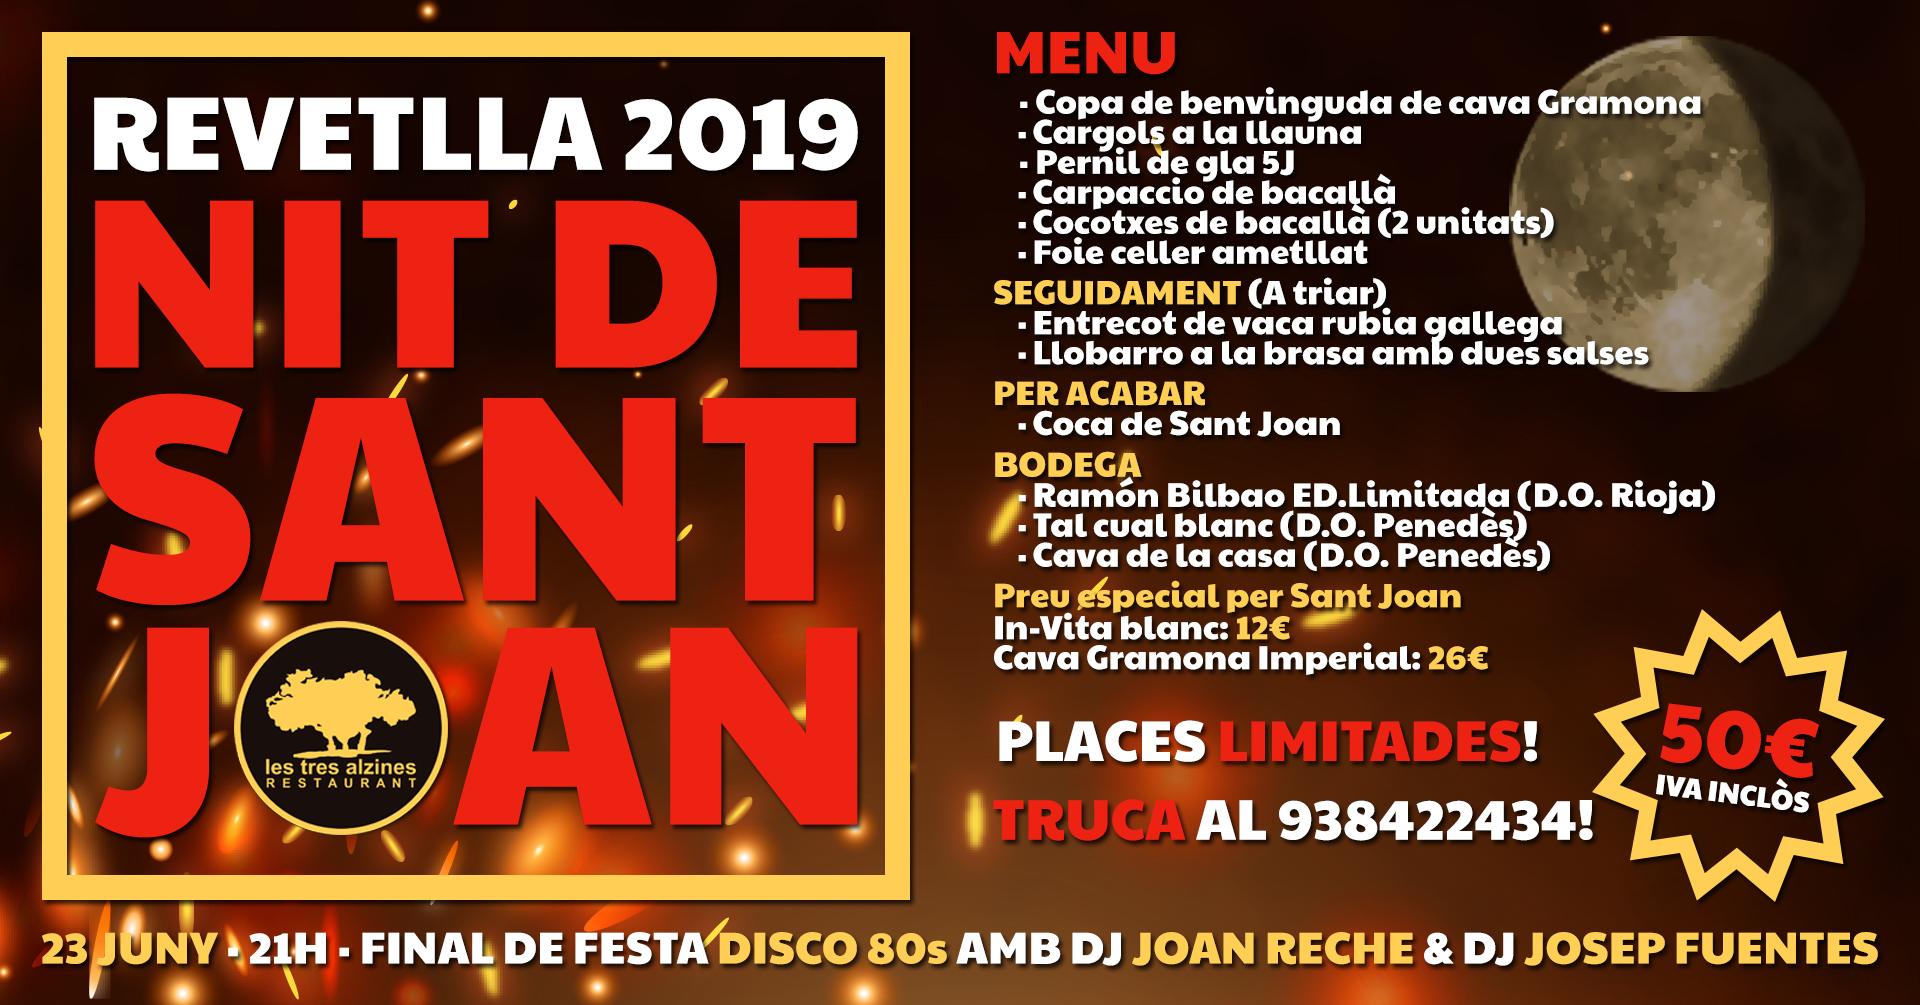 Restaurante braseria en La Roca Village - Les Tres Alzines - Verbena 2019 y noche de San Juan